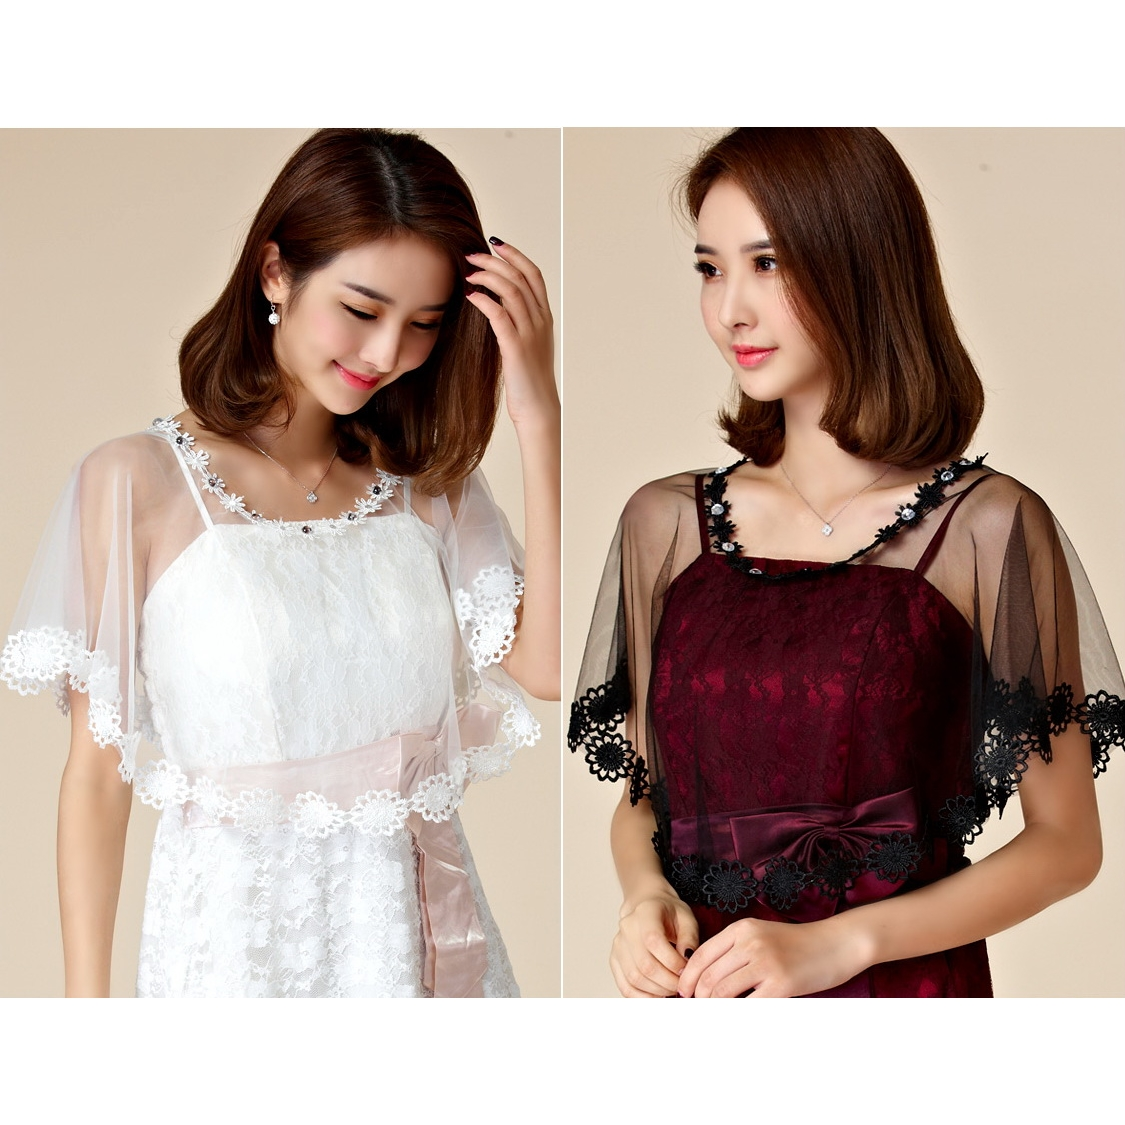 ผ้าคลุมไหล่ สีดำ/สีขาว ขนาดฟรีไซส์(F) JK-9668